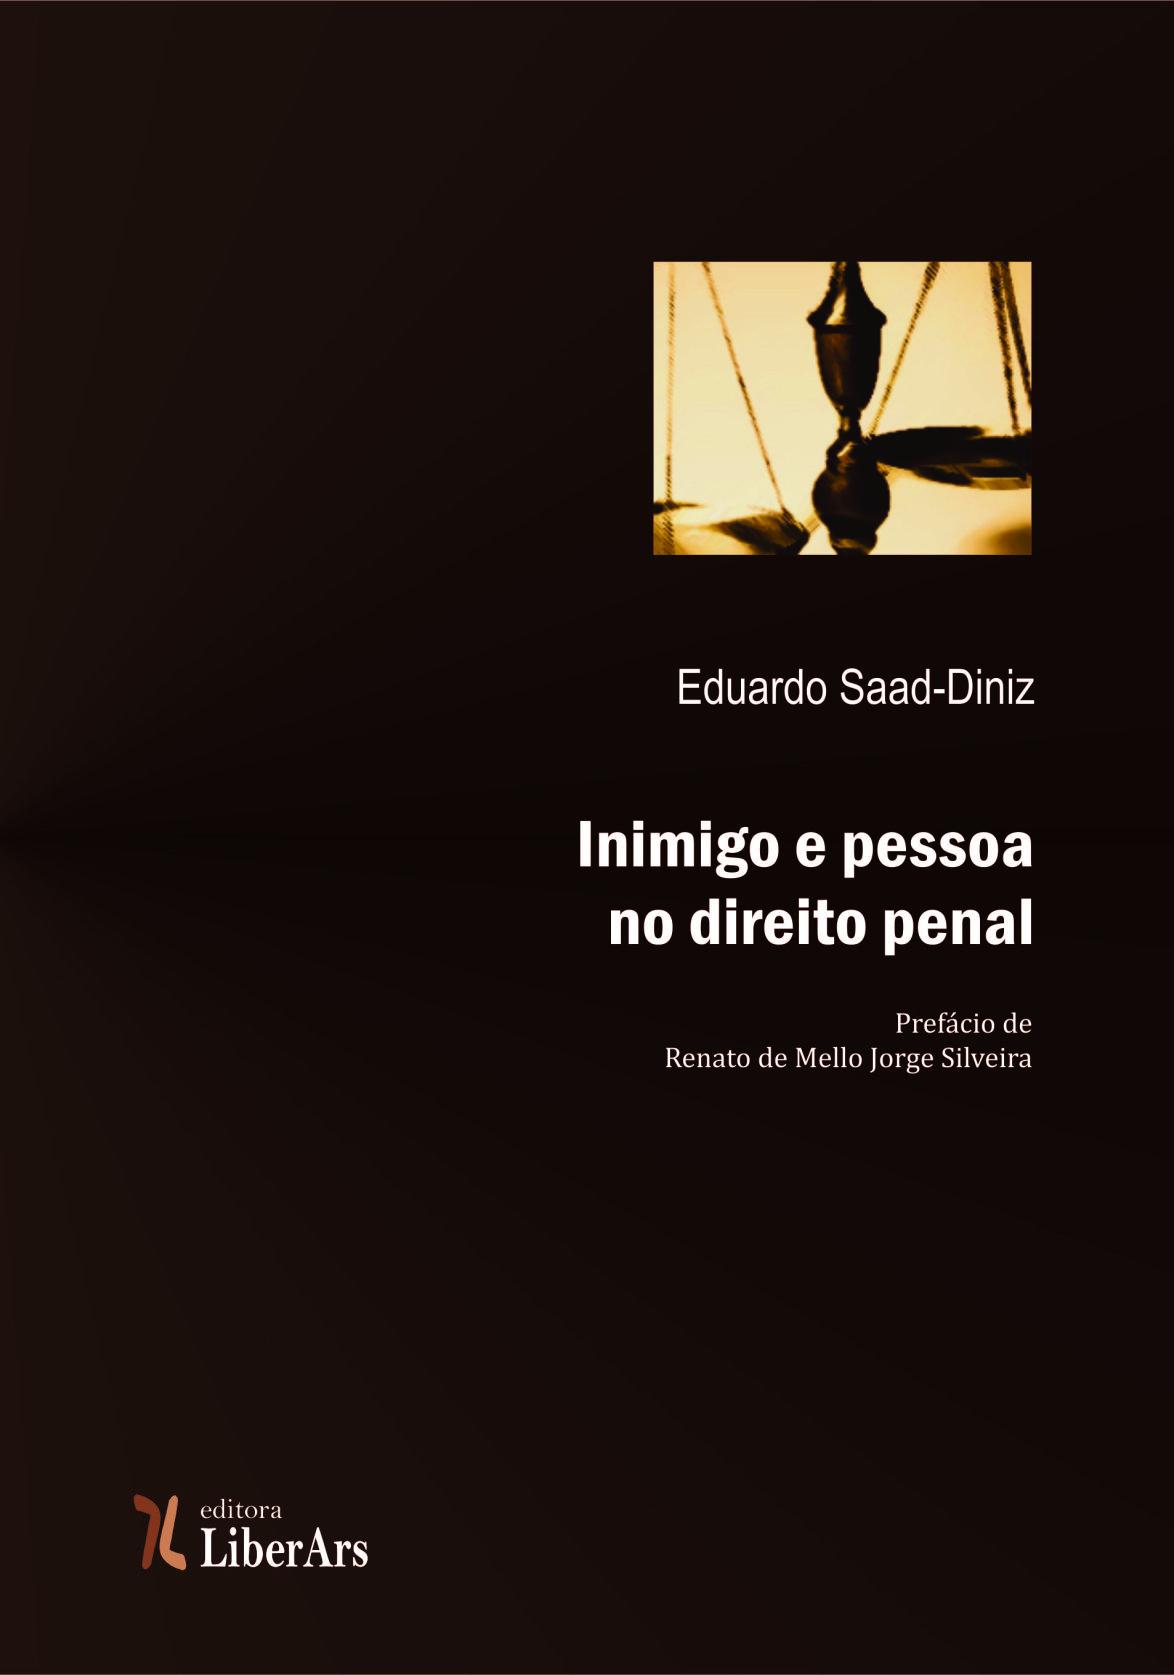 Inimigo e pessoa no direito penal, livro de Eduardo Saad Diniz